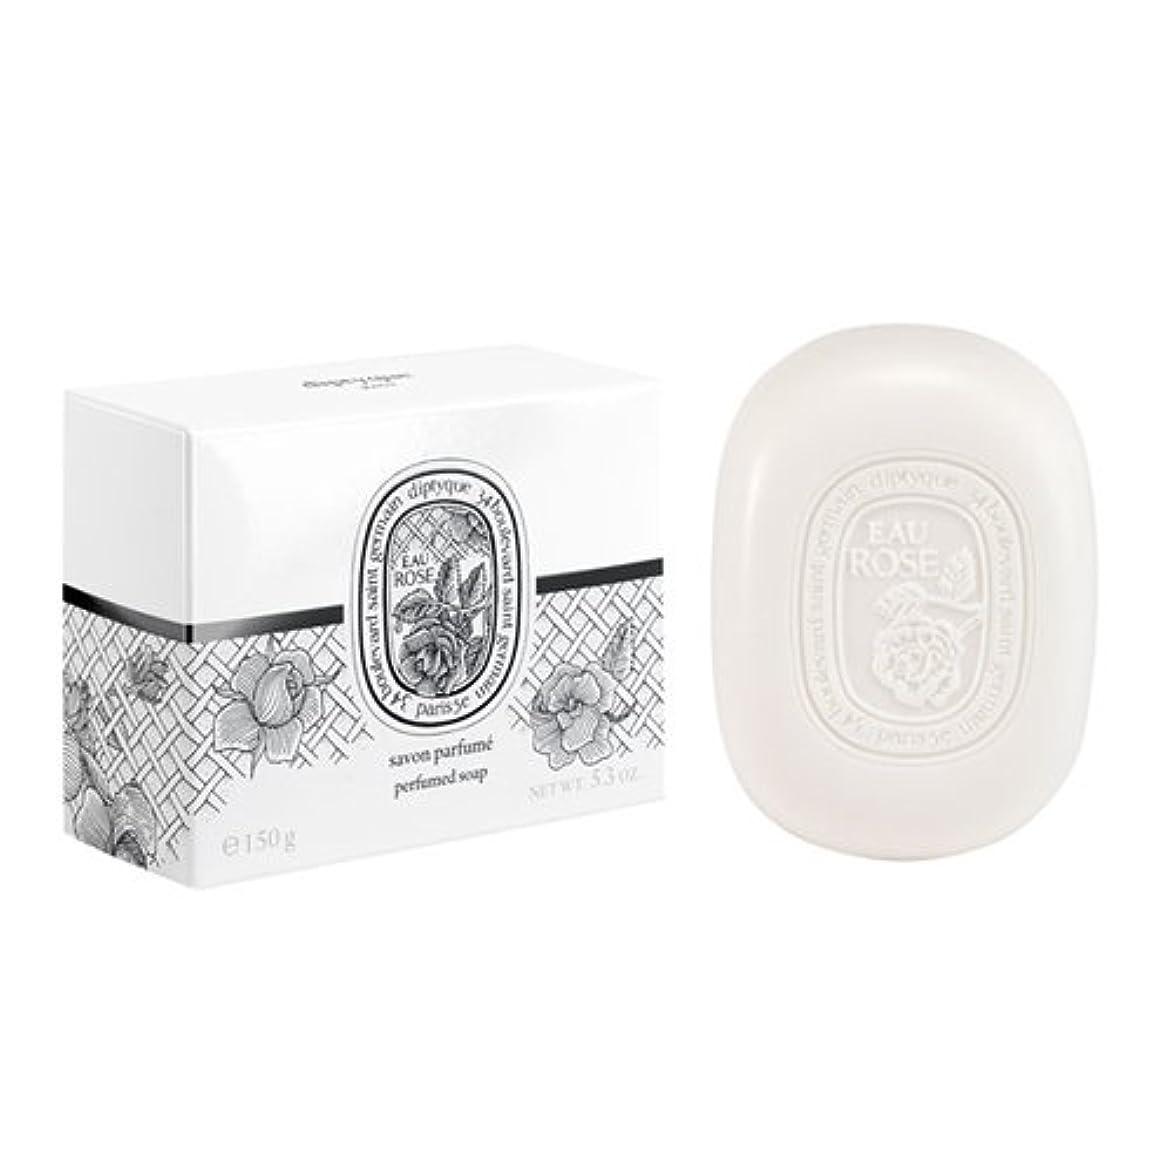 反抗有益頑張るディプティック フレグランスソープ オーローズ 150g DIPTYQUE EAU ROSE SOAP [並行輸入品]